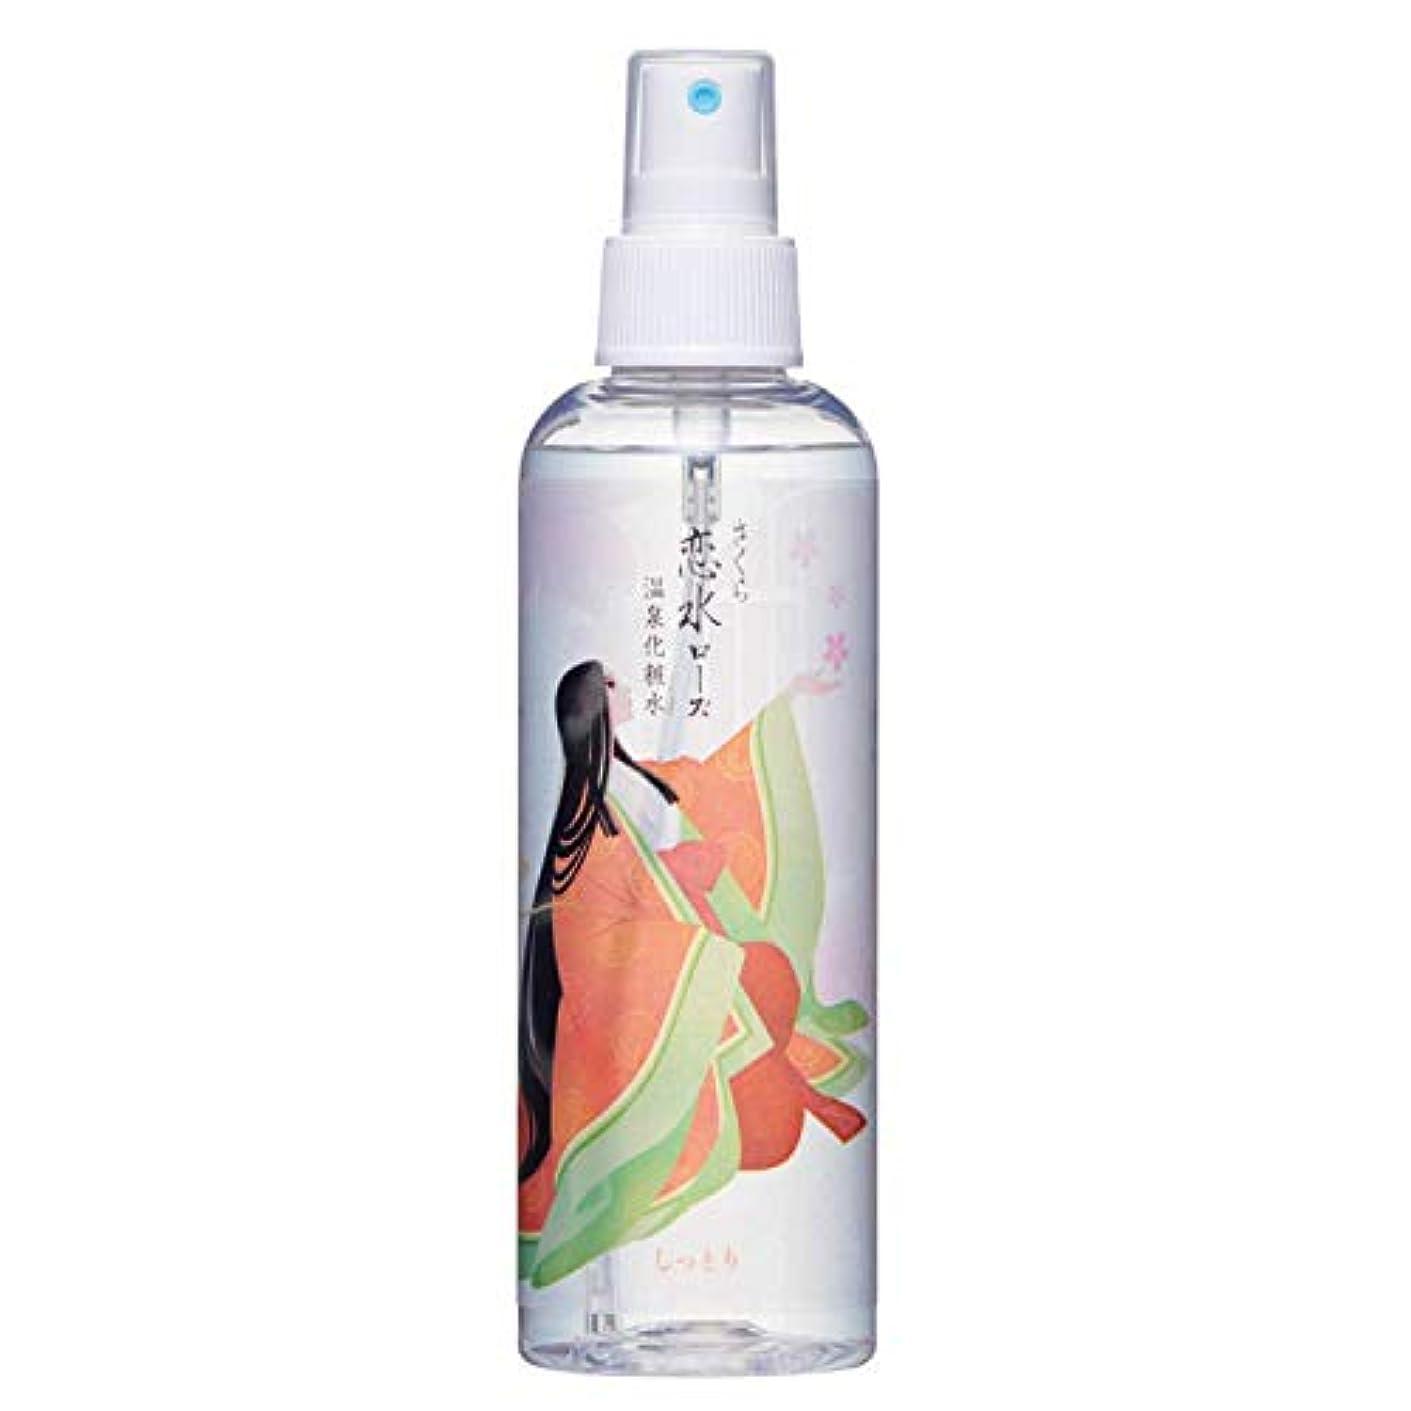 したがってチャネルレタッチ[さくら] 恋水ローズ 温泉 化粧水 しっとり 200mL